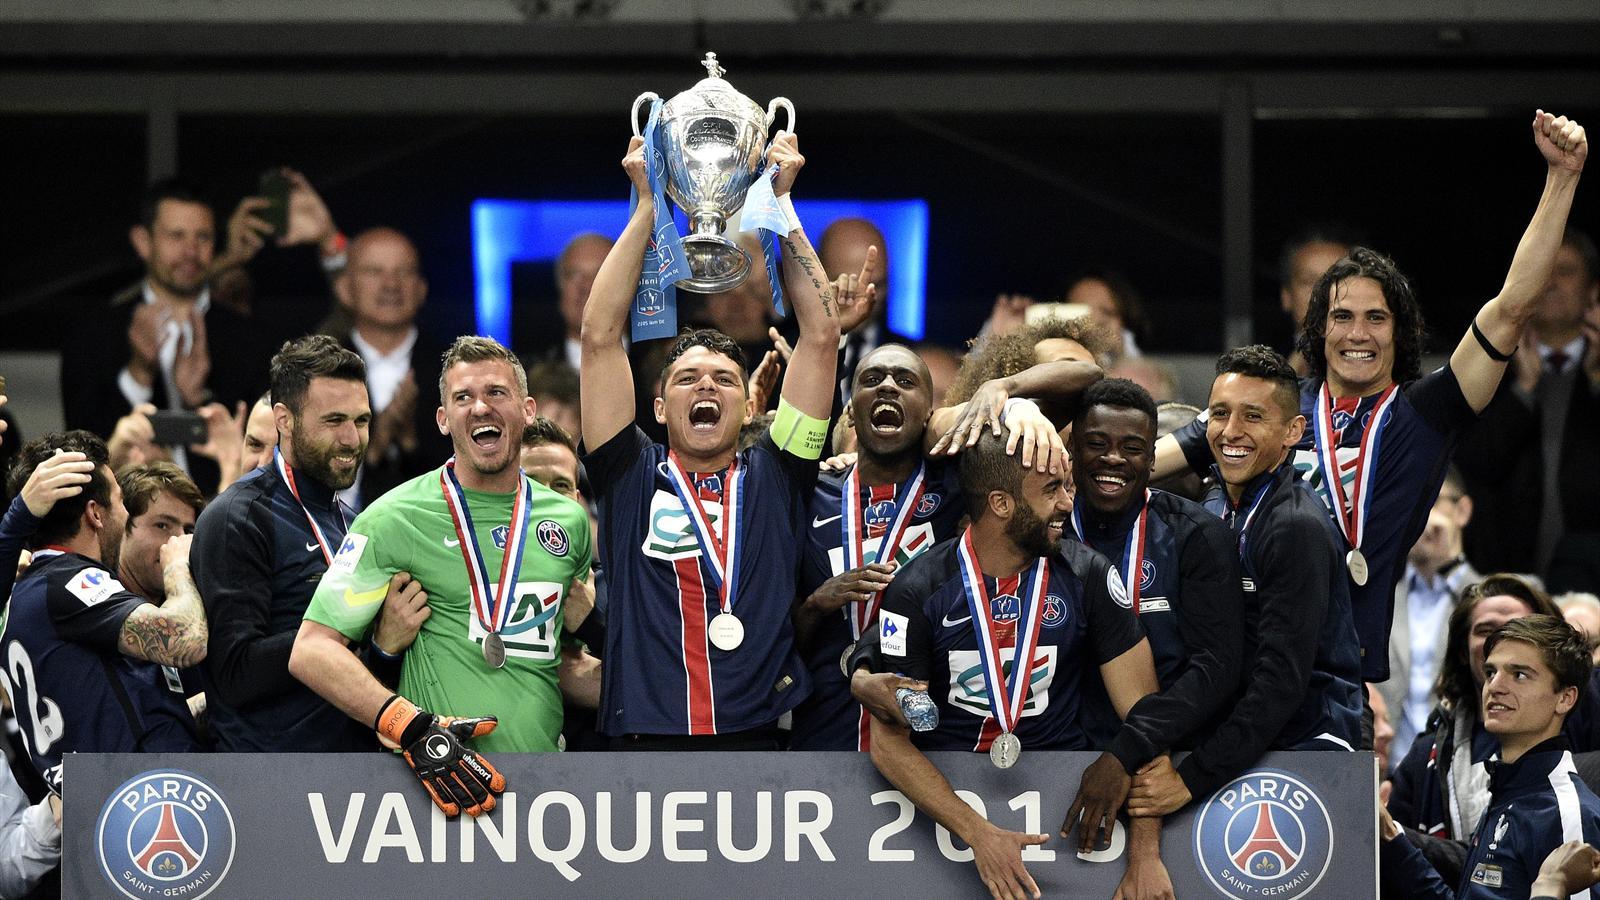 Video coupe de france la remise du troph e au psg - Calendrier de la coupe de france 2015 ...